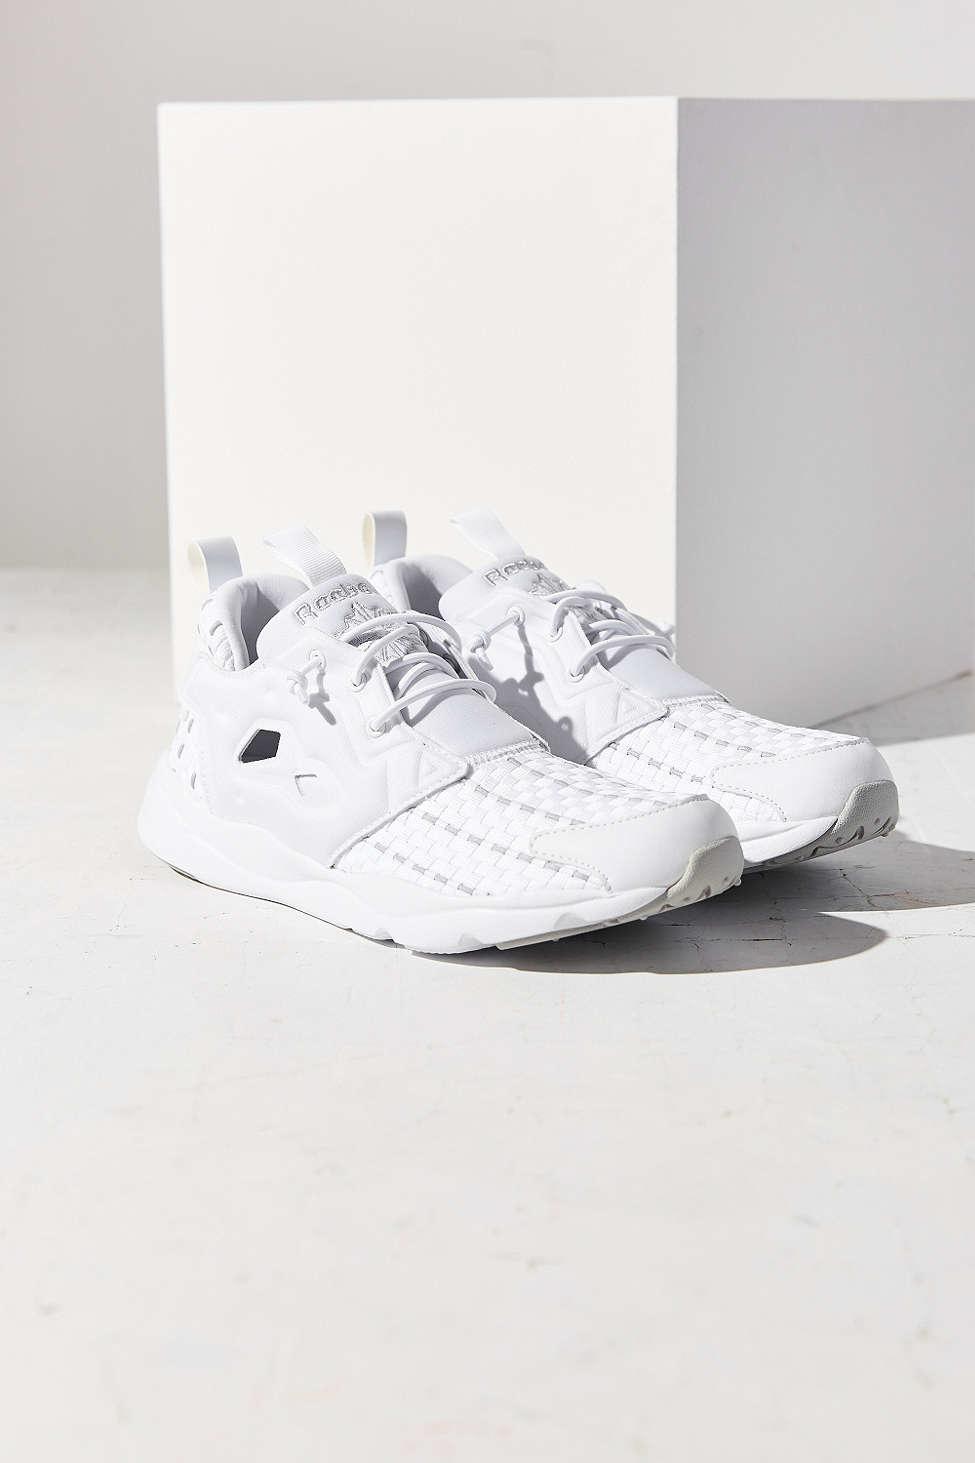 e802013f32d9 Reebok Furylite New Woven Sneaker in Blue - Lyst